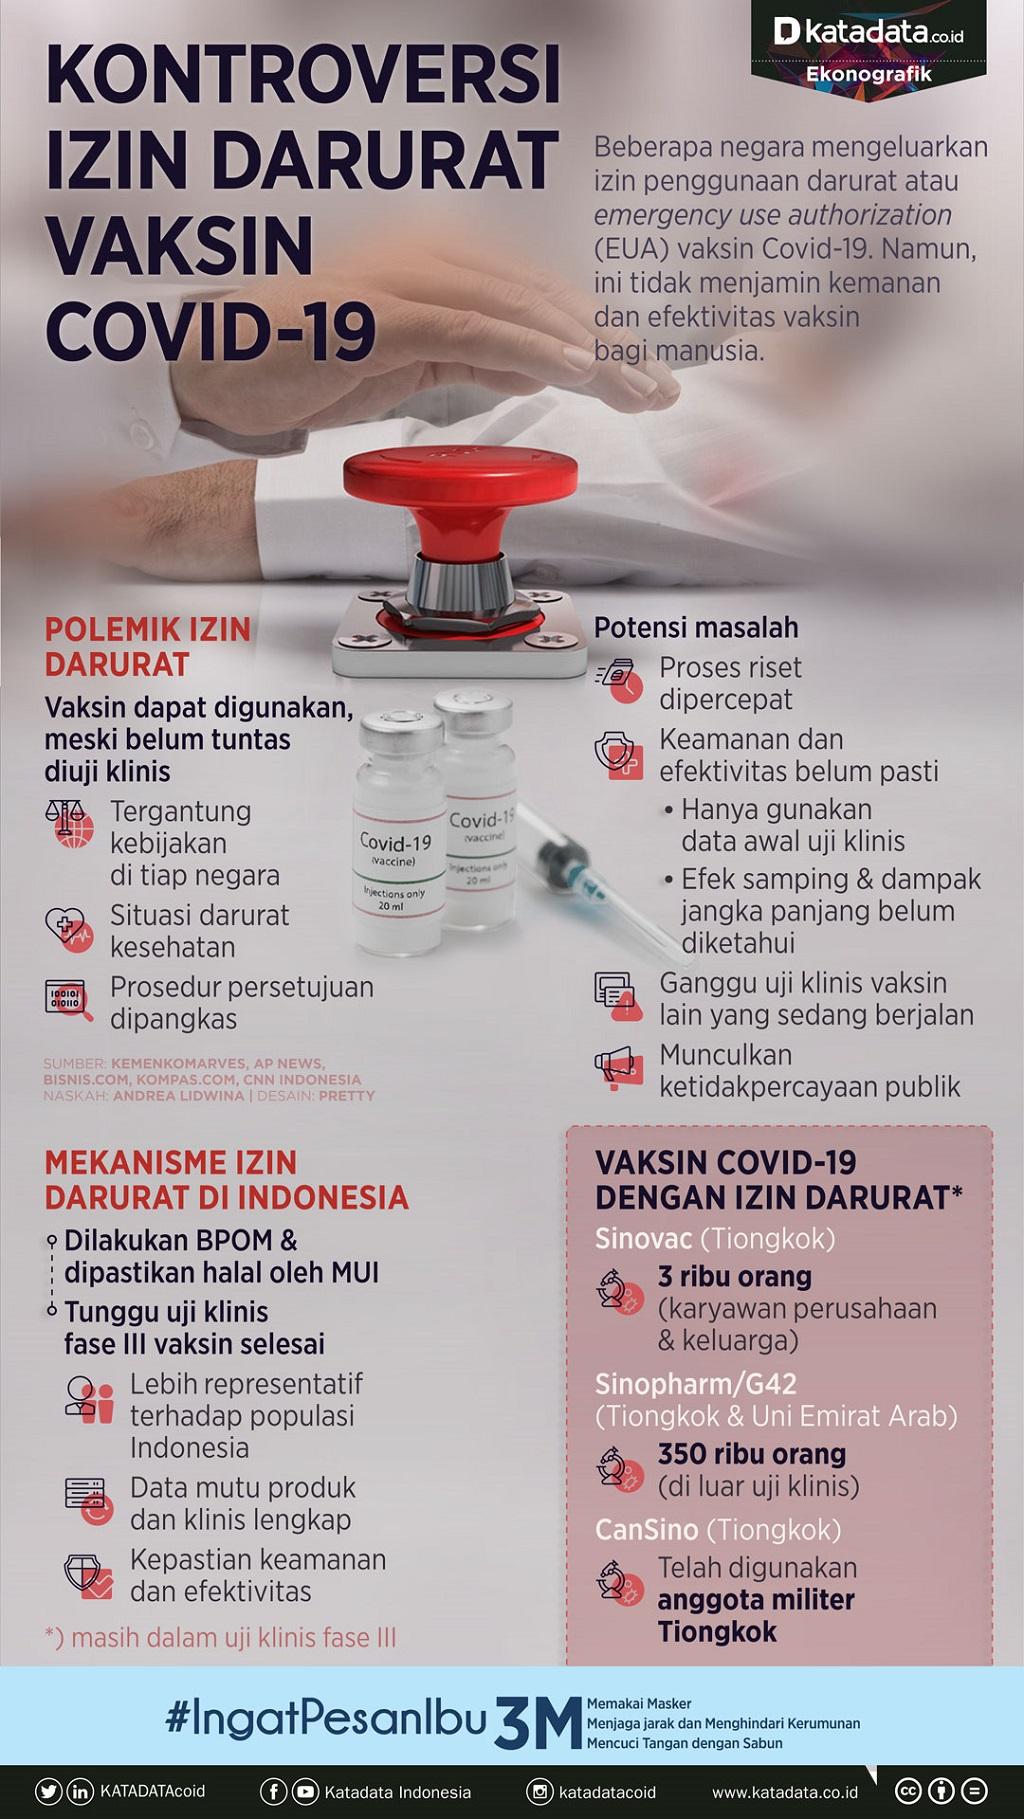 Infografik_Kontroversi izin darurat vaksin covid-19